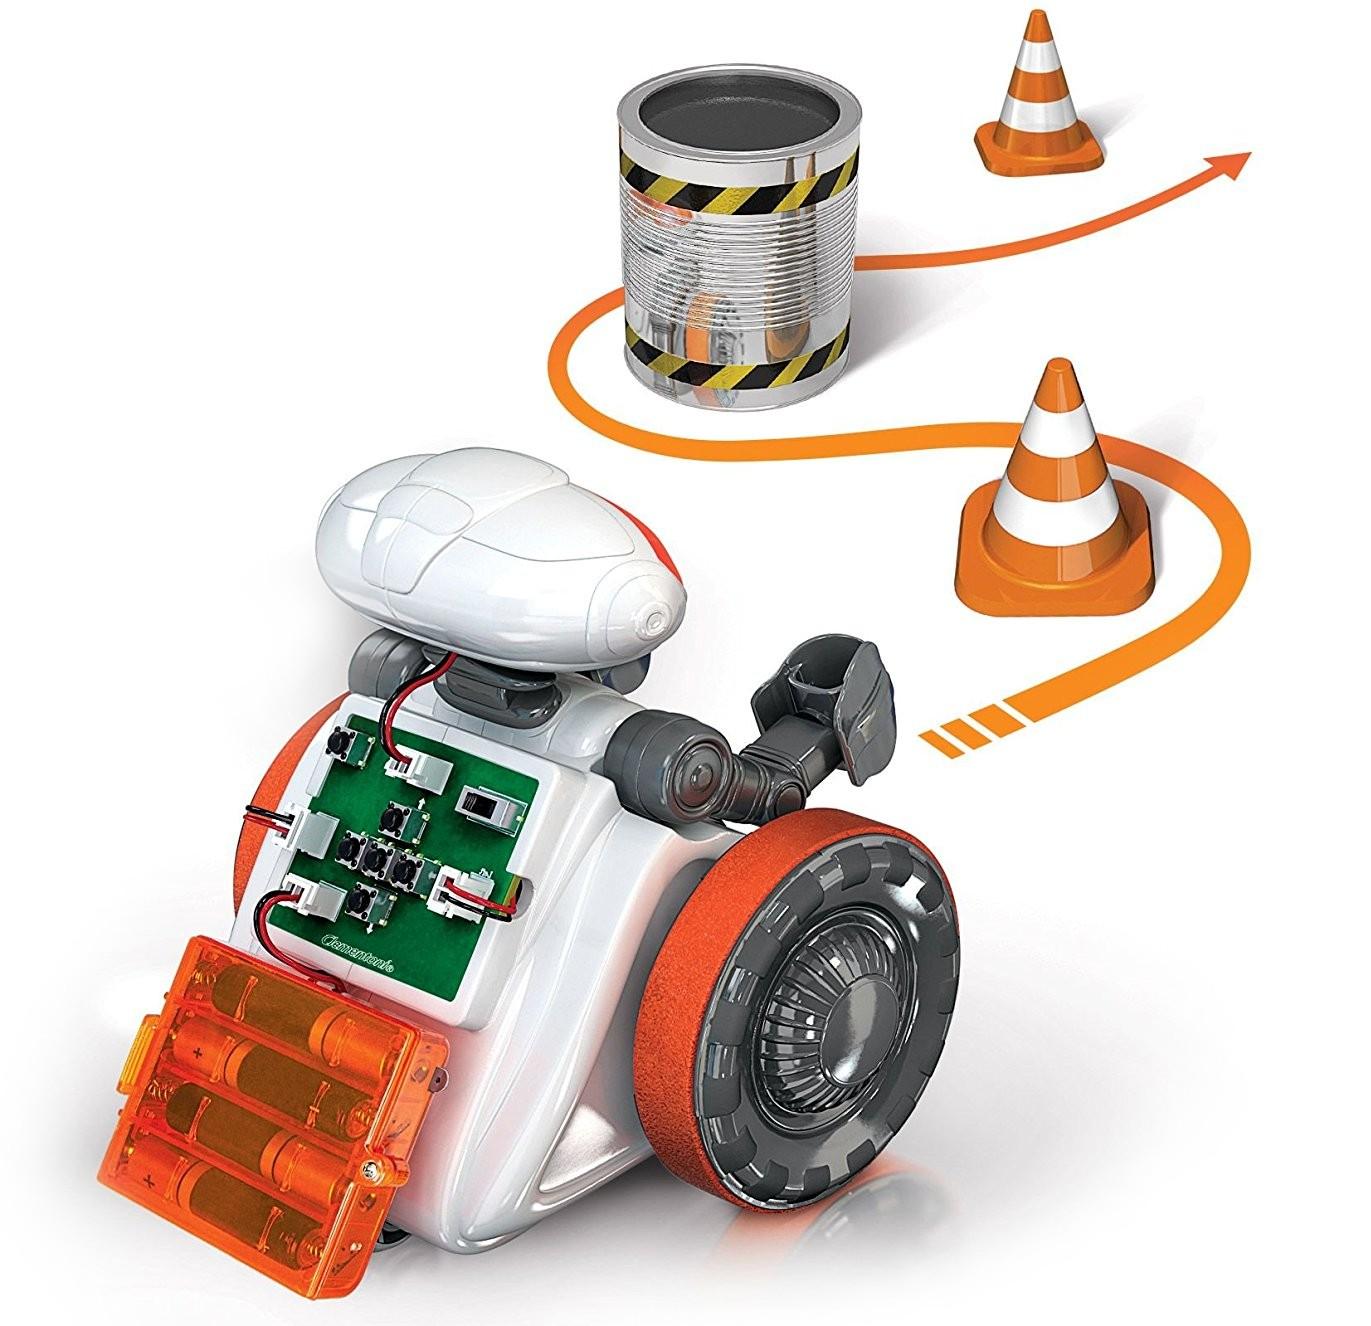 Postavte si robota a naprogramujte mu předem připravenou trasu